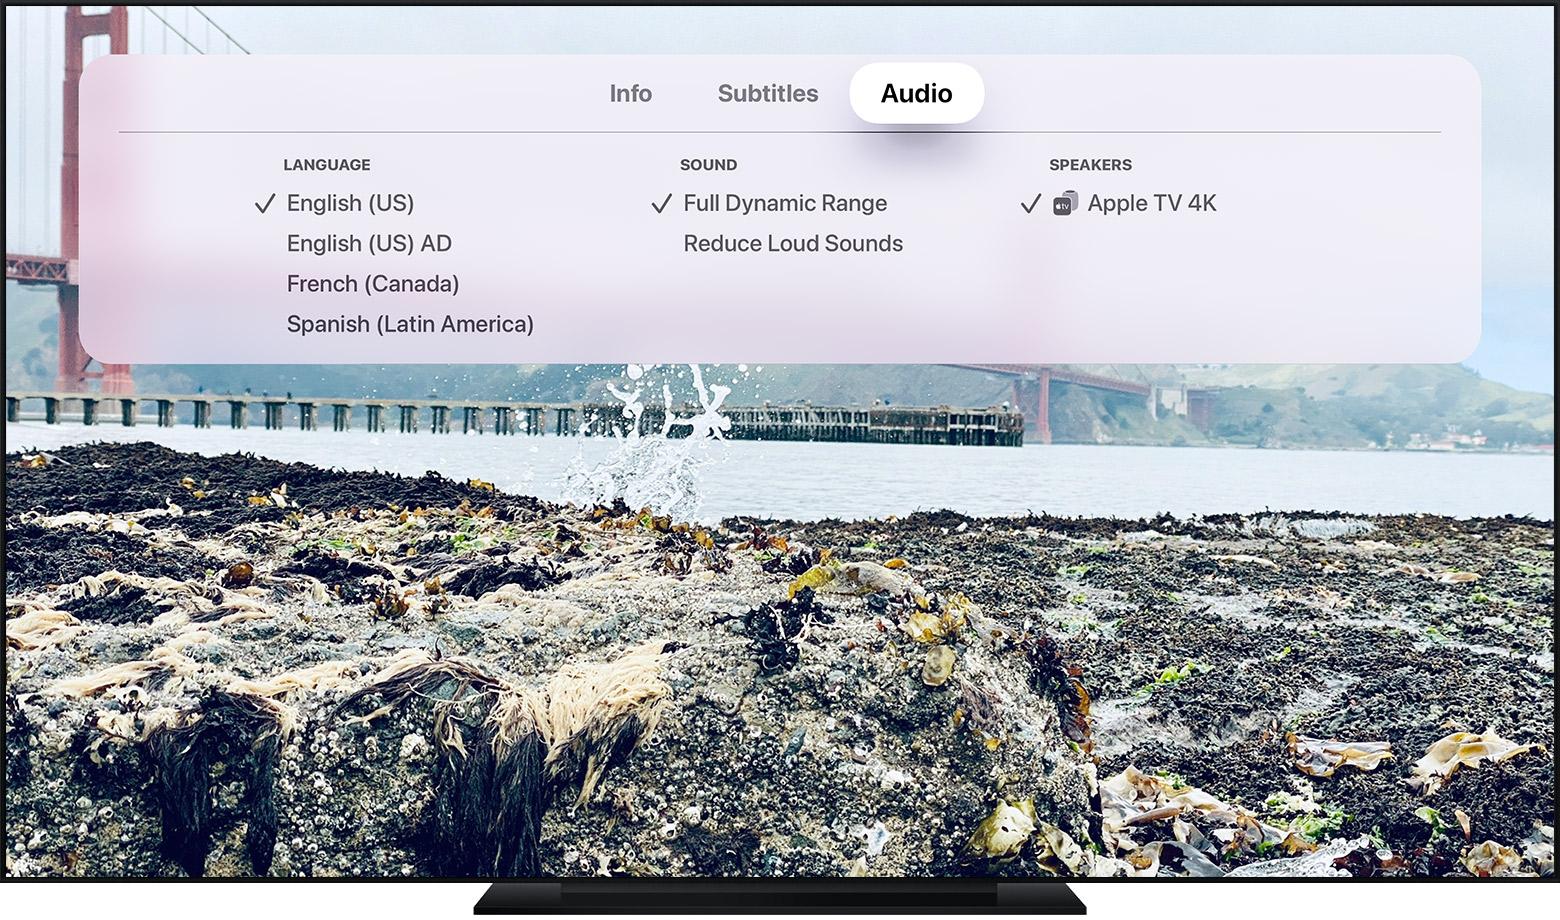 el menú Audio en un televisor inteligente